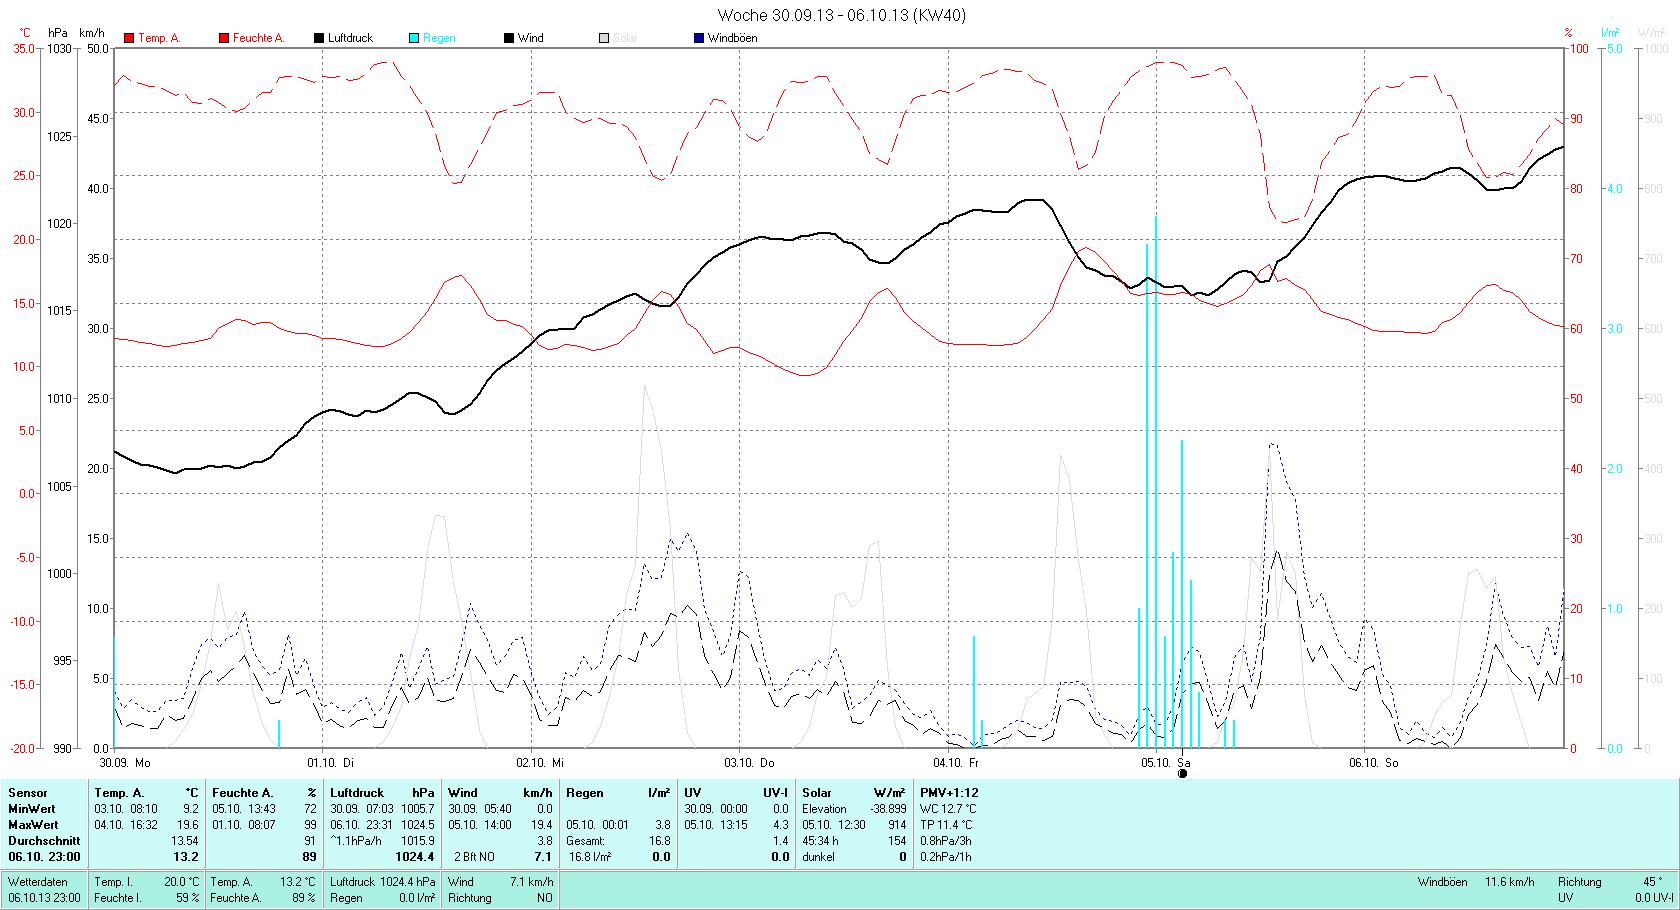 KW 40 Tmin  9.2°C, Tmax 19.6°C, Sonne 30:36h, Niederschlag 16.8mm/2